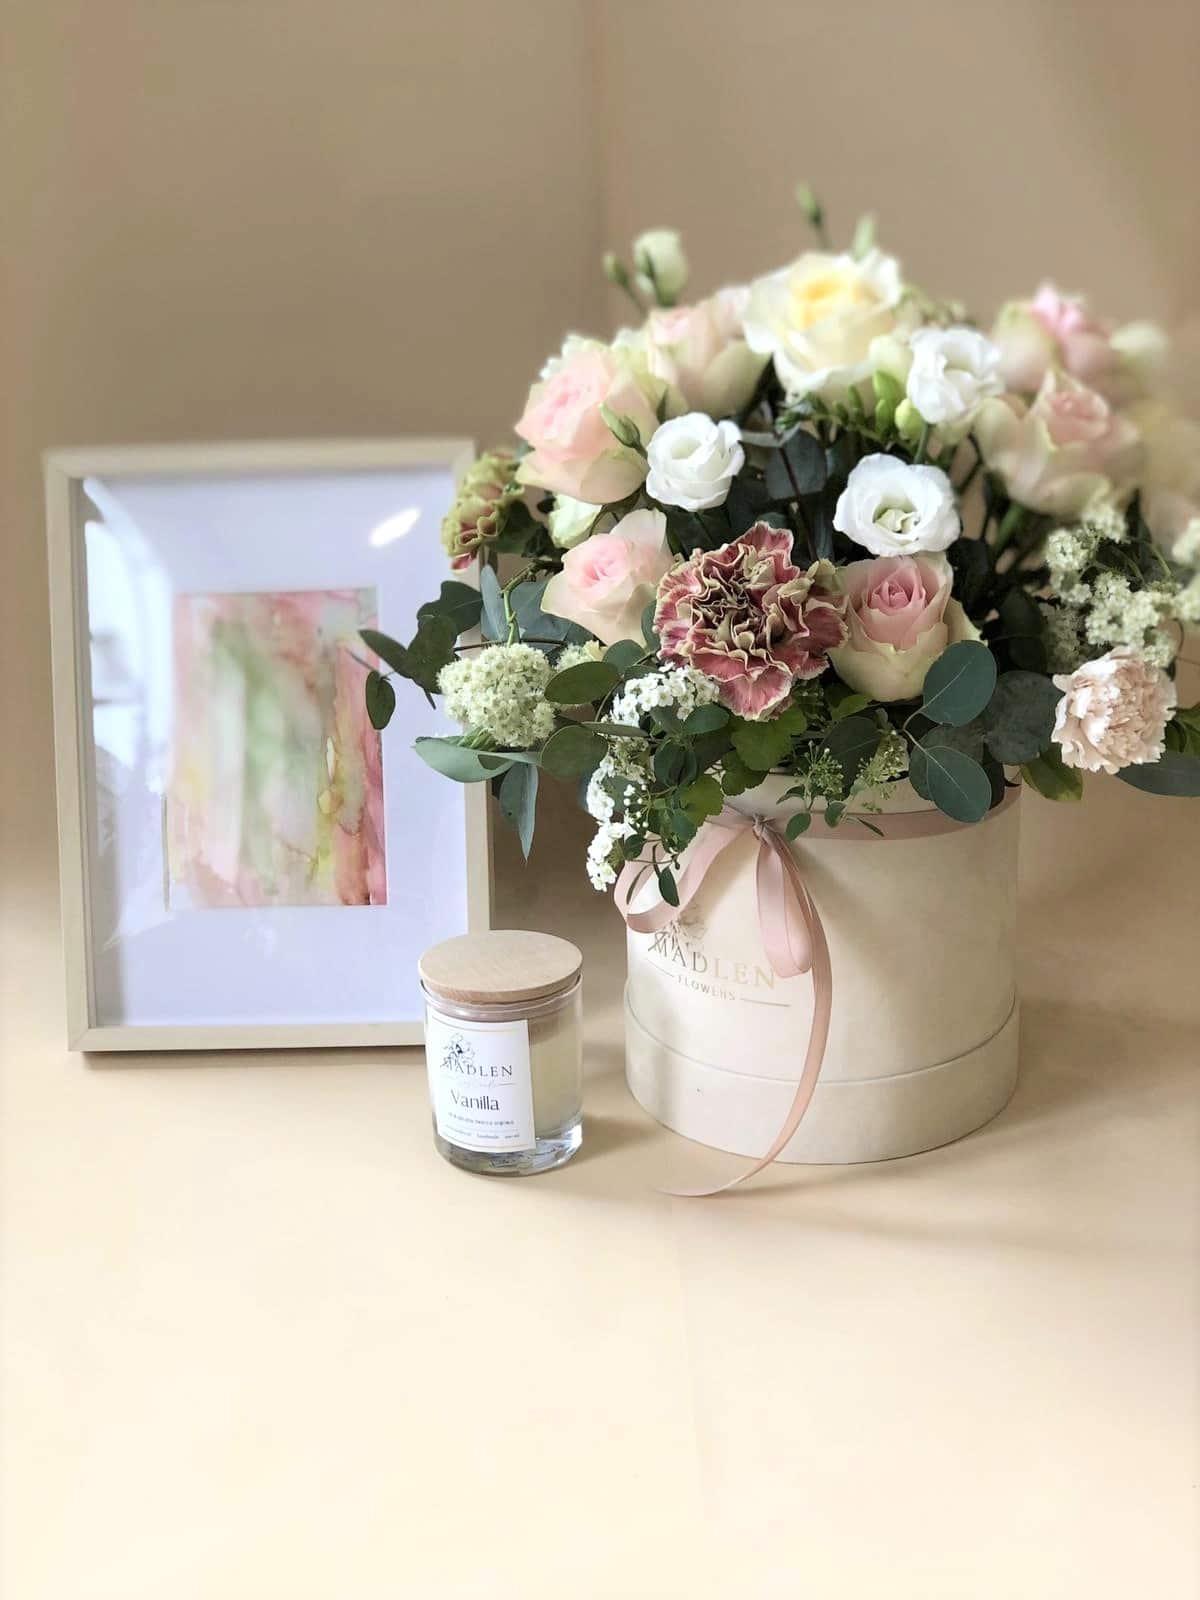 Zestaw Dla Mamy II – flowerbox pastelowy, obrazek, świeca